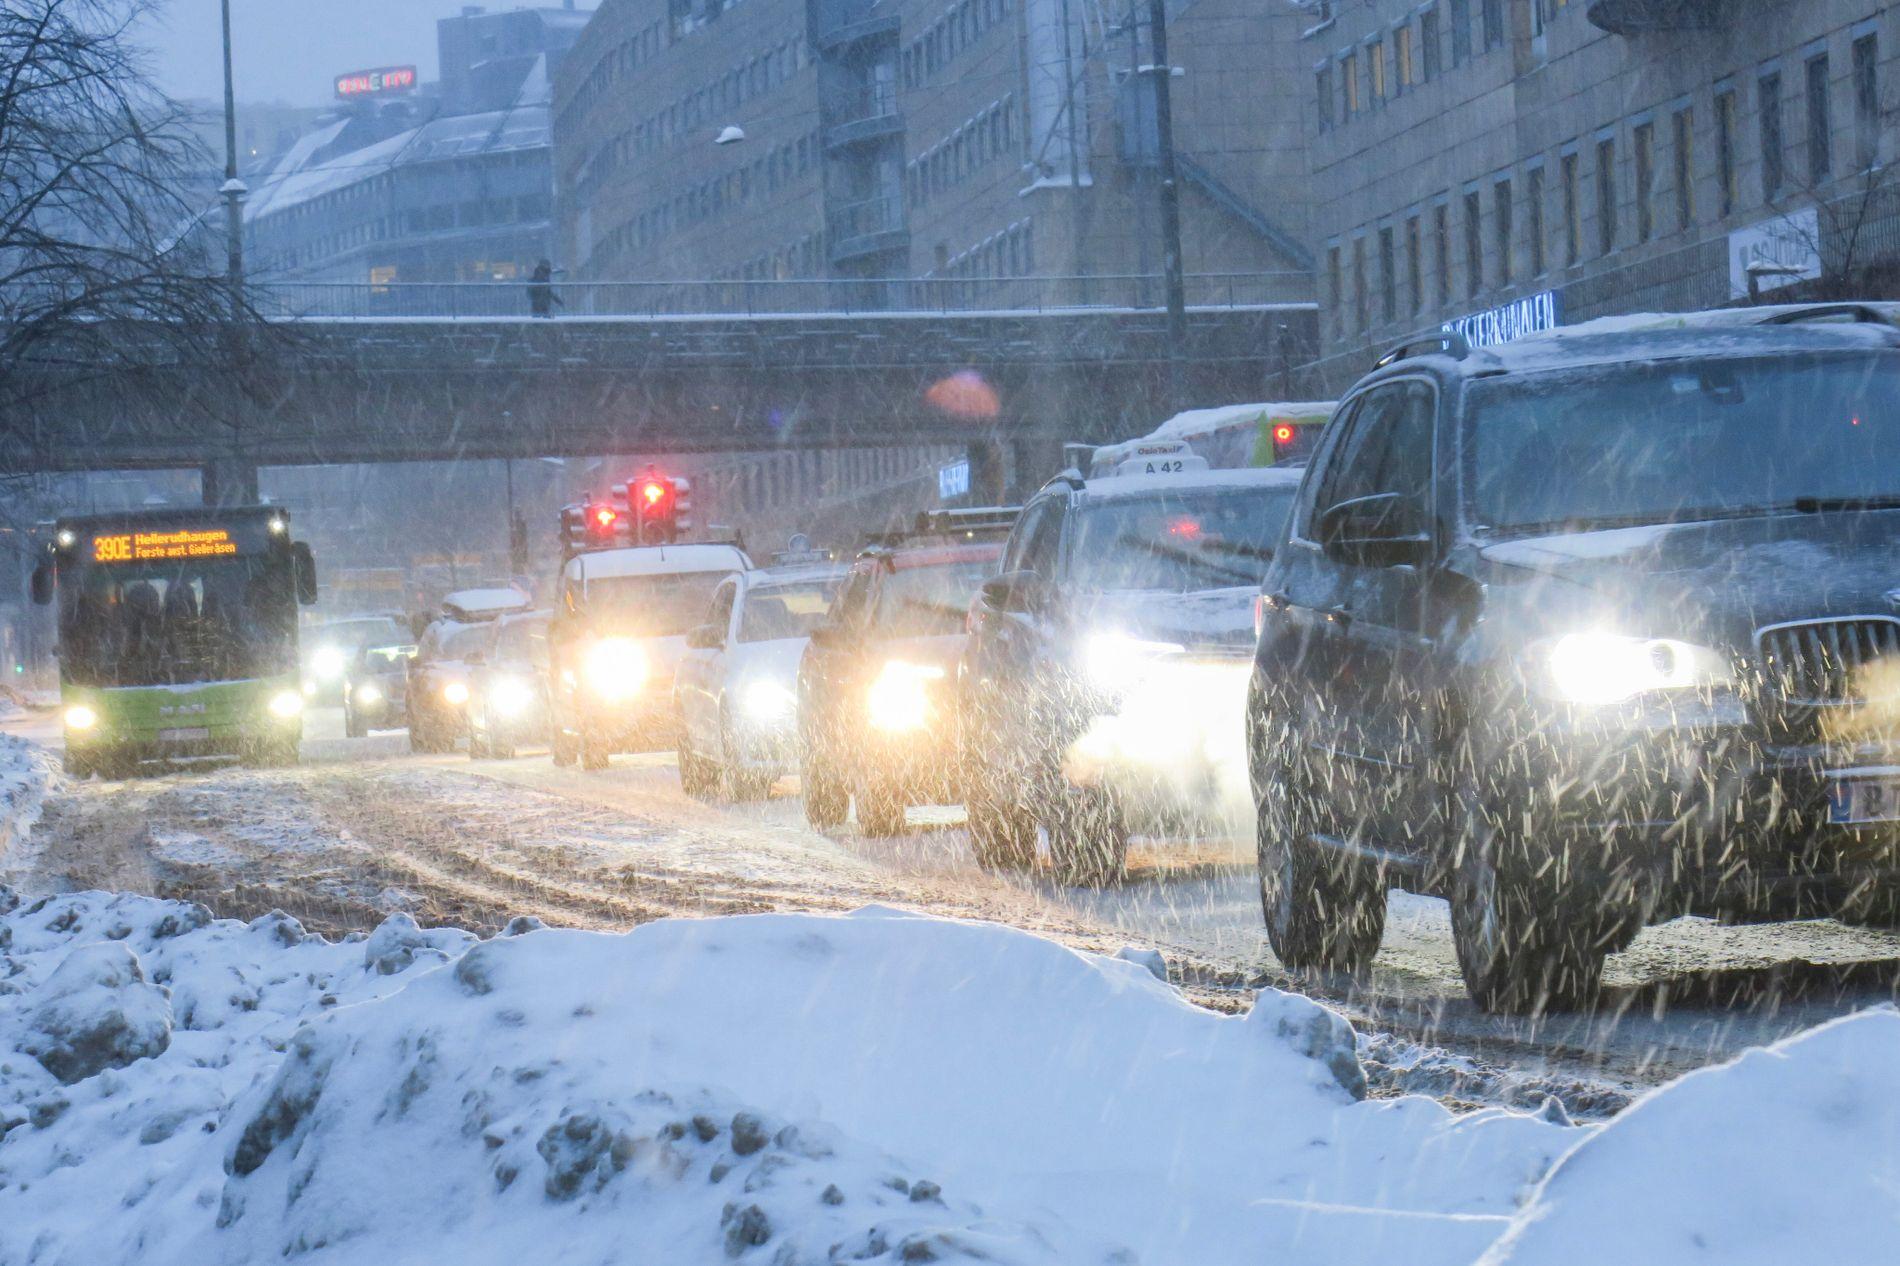 MIDT I RUSHEN: Snøfallet onsdag kan falle på et lite gunstig tidspunkt, ifølge meteorologen. Her trafikken i Oslo mandag.